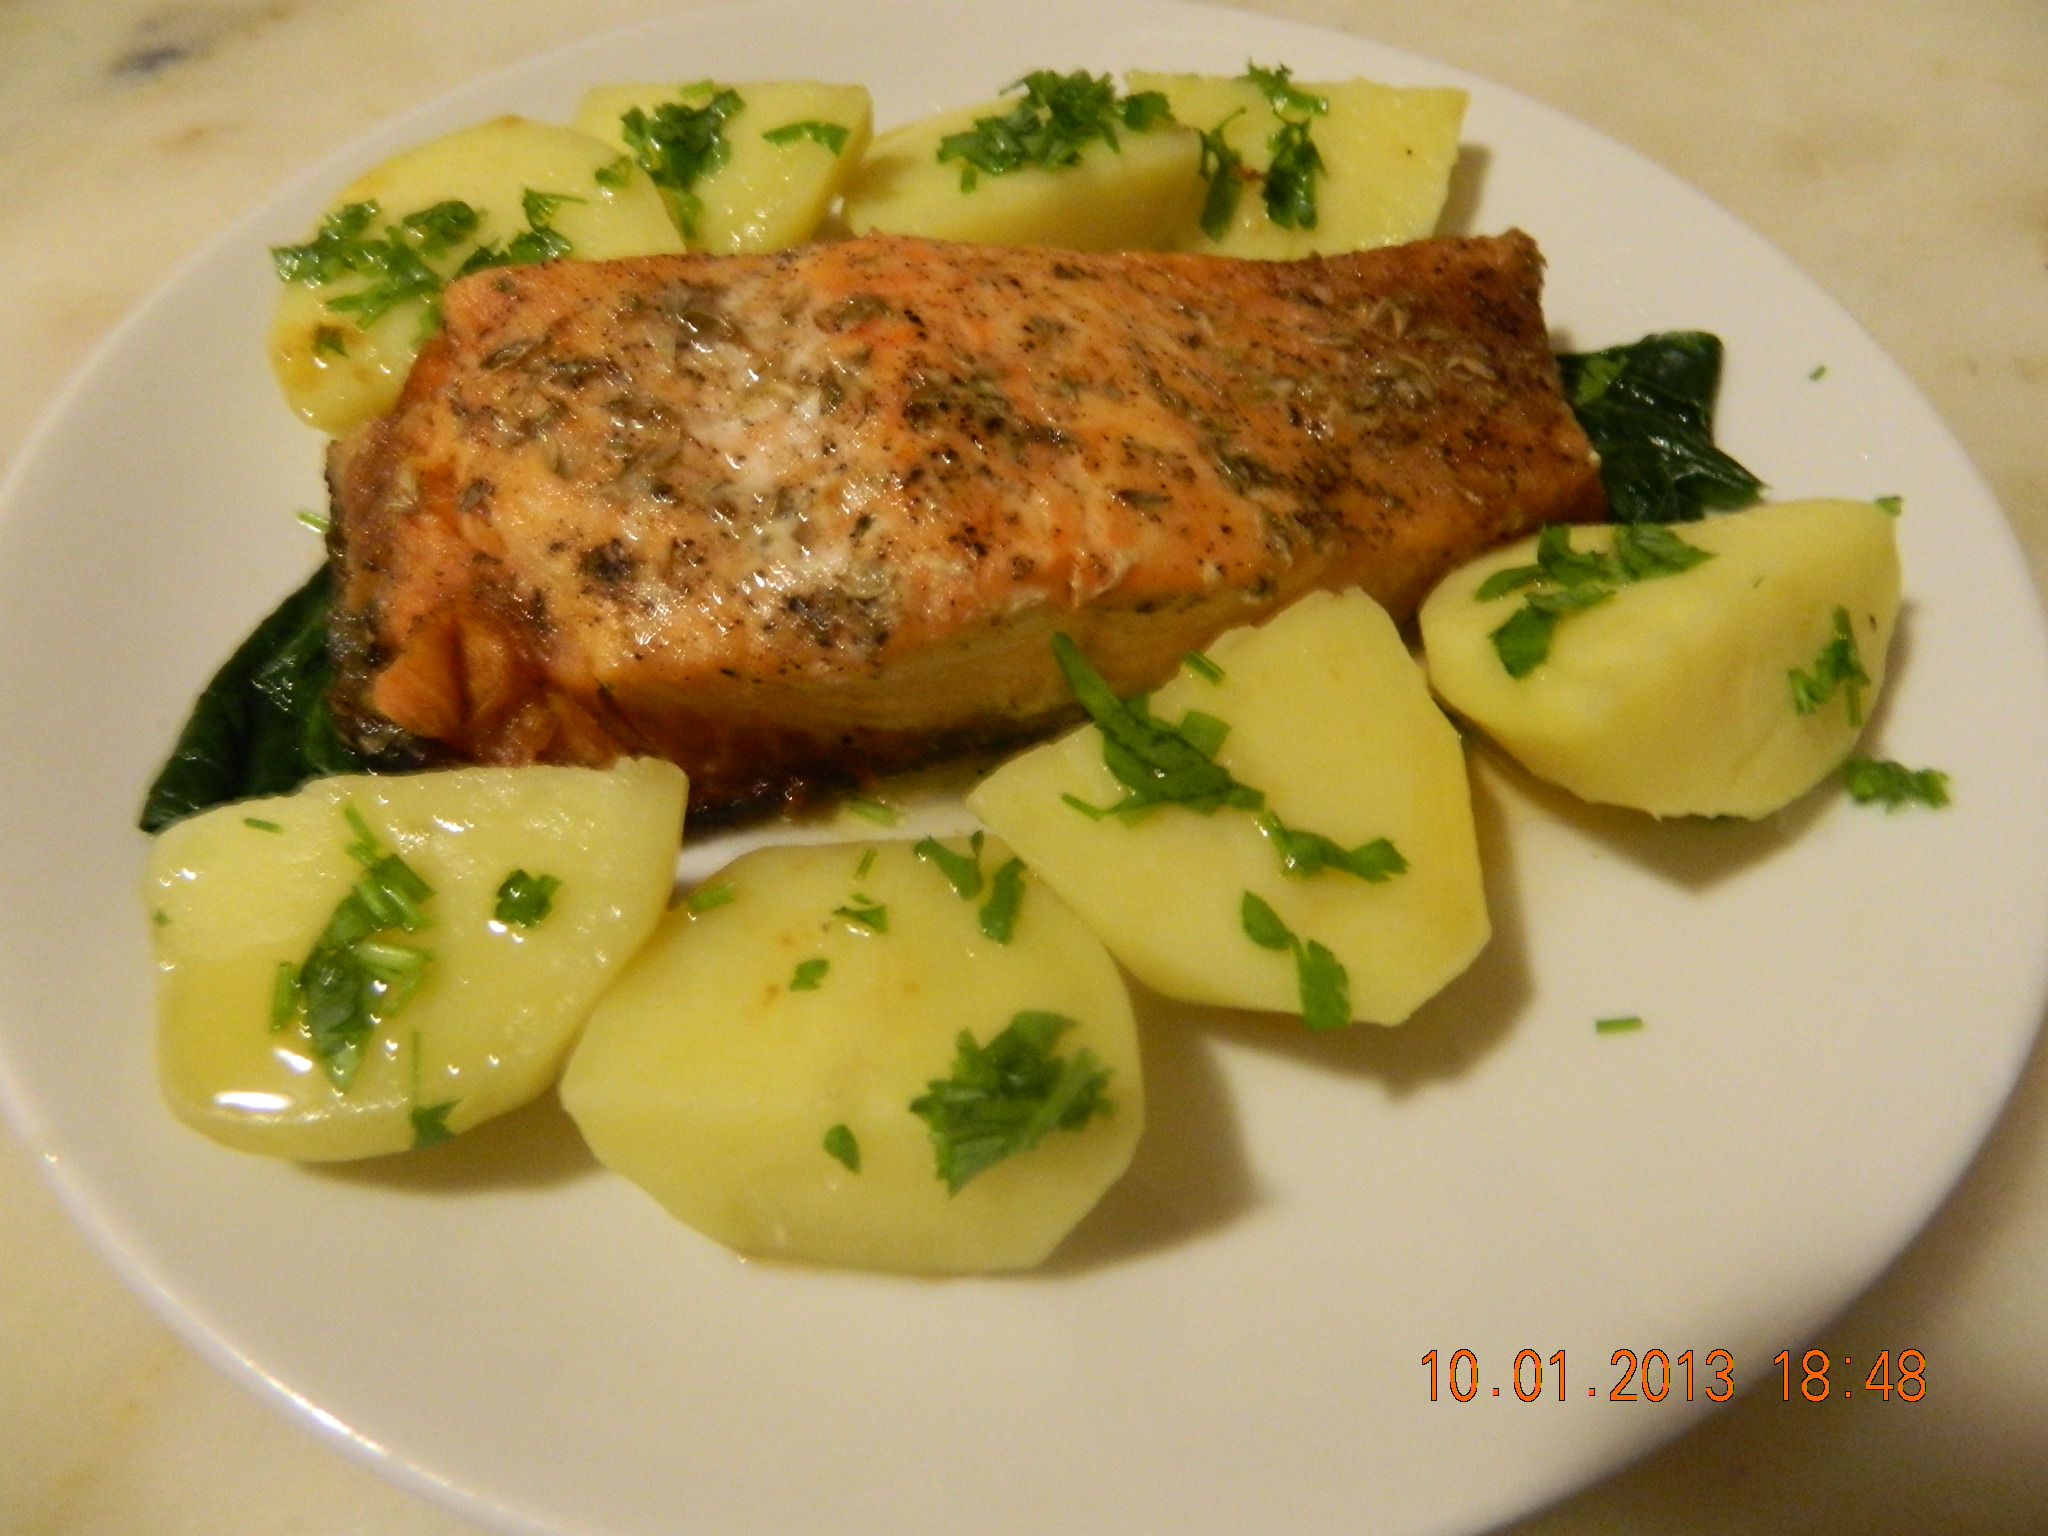 Yayın balığı yemekleri. Beslenme bilgisi, yemek tarifleri